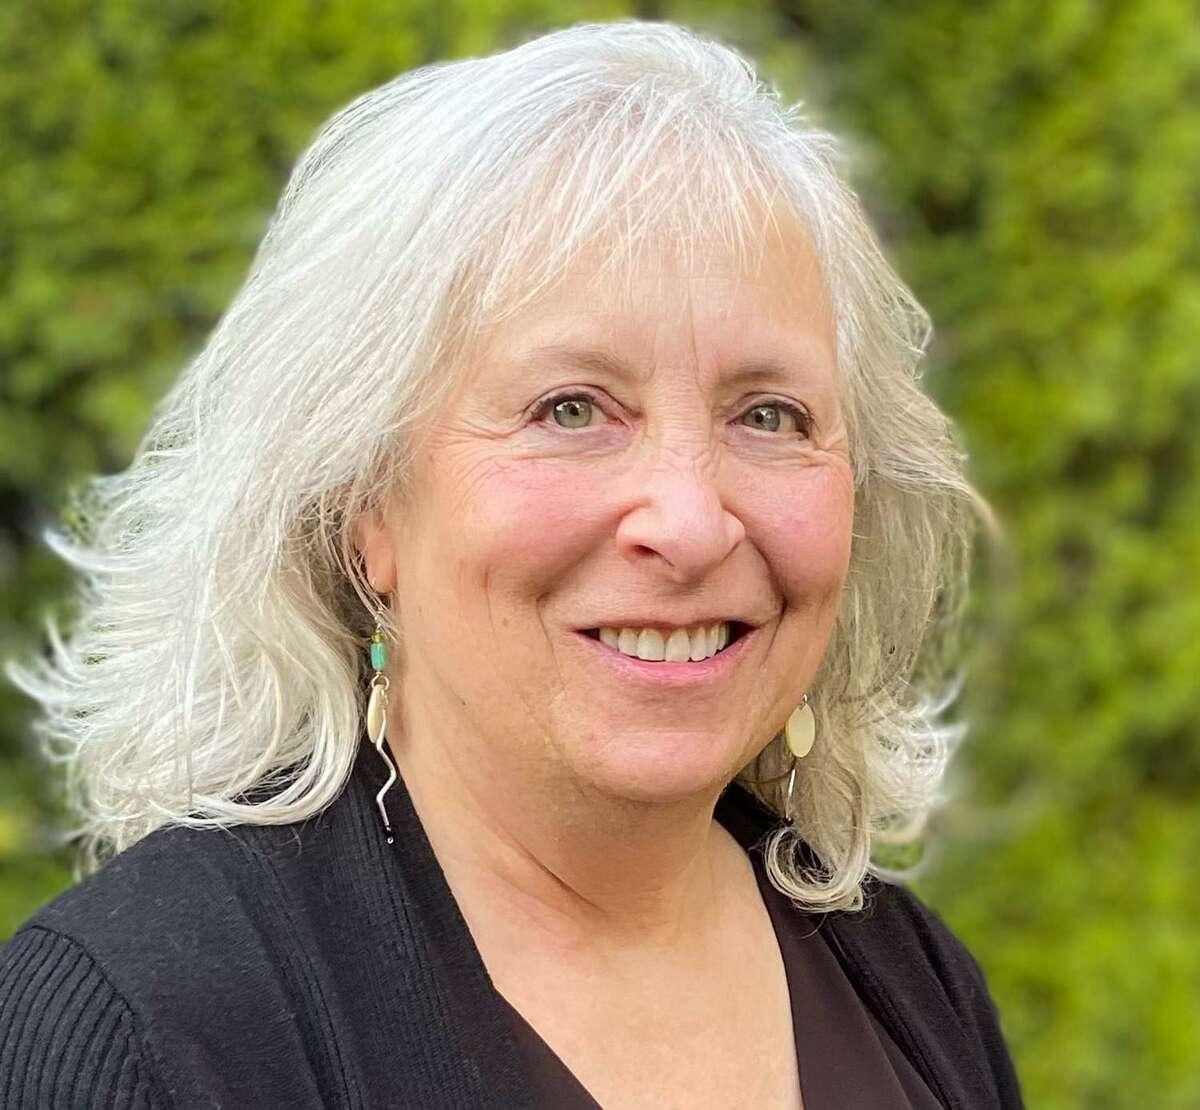 Middletown resident Sari Rosenblatt won the Iowa Short Fiction Award for her book of stories,